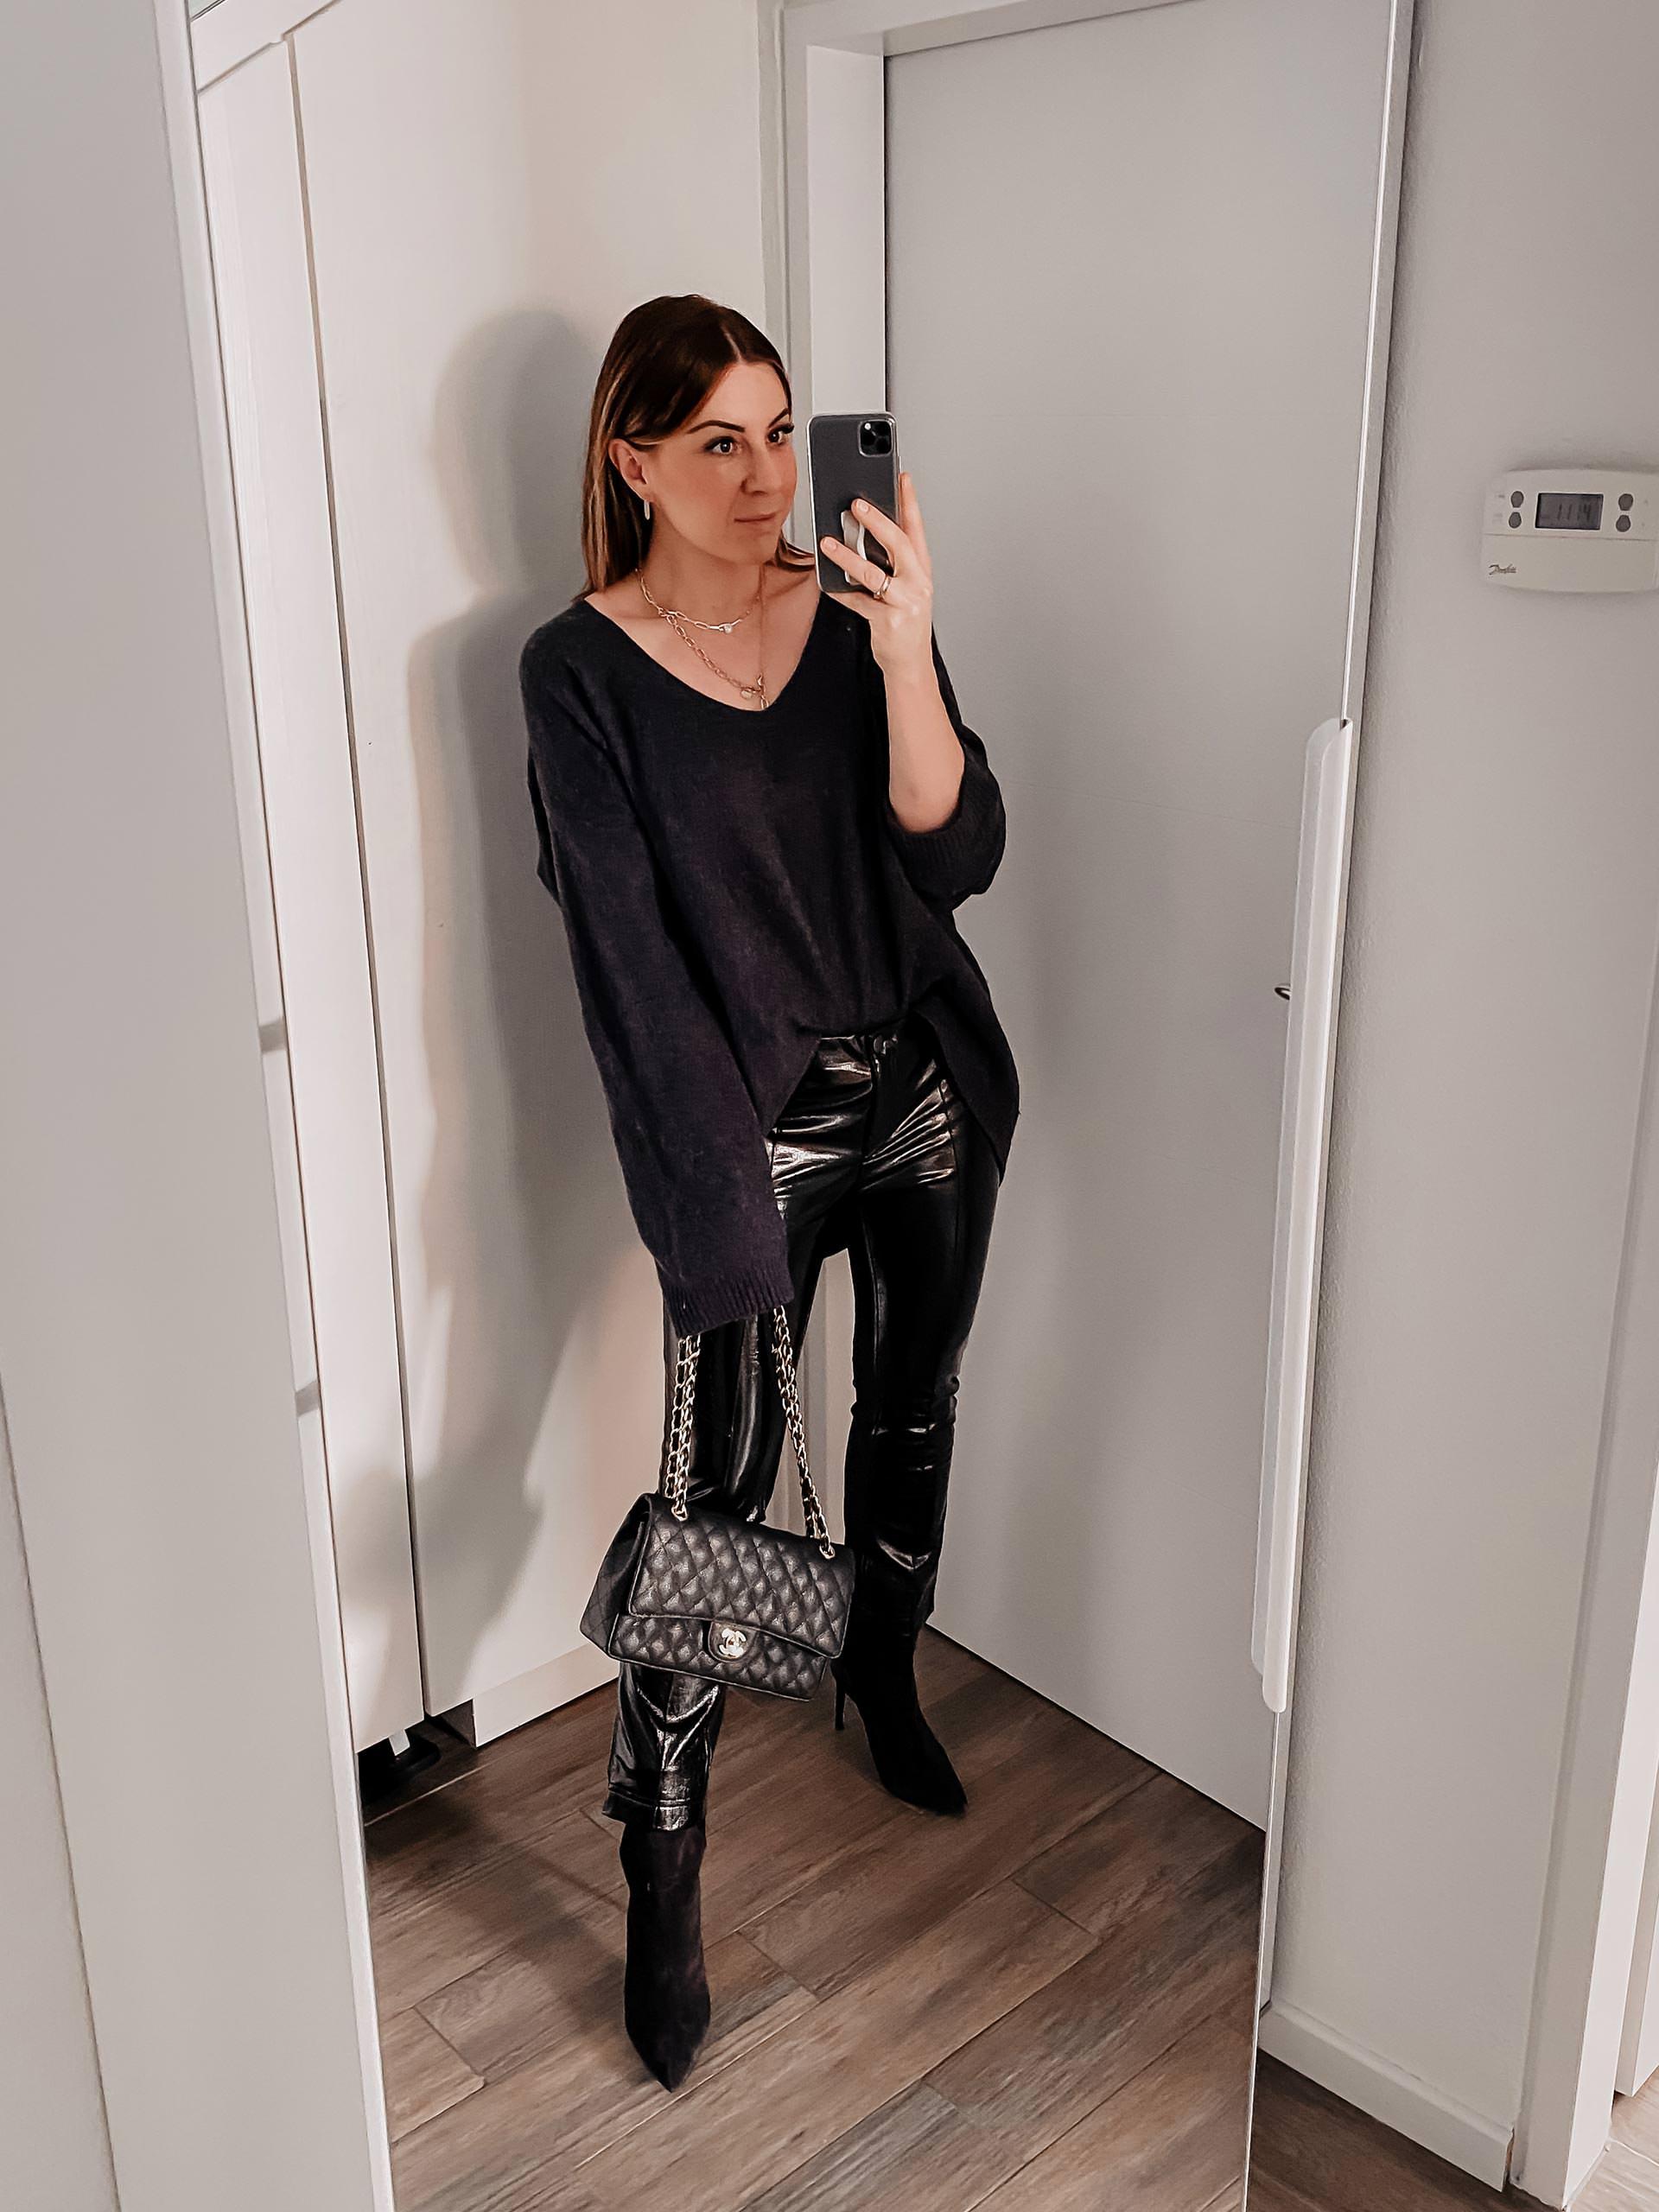 5 Outfits mit Lederhose gibt es am Modeblog zu entdecken. Ich zeige dir, wie gut sich verschiedene Lederhosen im Alltag kombinieren lassen und wie du gut gestylt in den Frühling startest. www.whoismocca.com #lederhose #lookbook #outfits #frühlingsoutfit